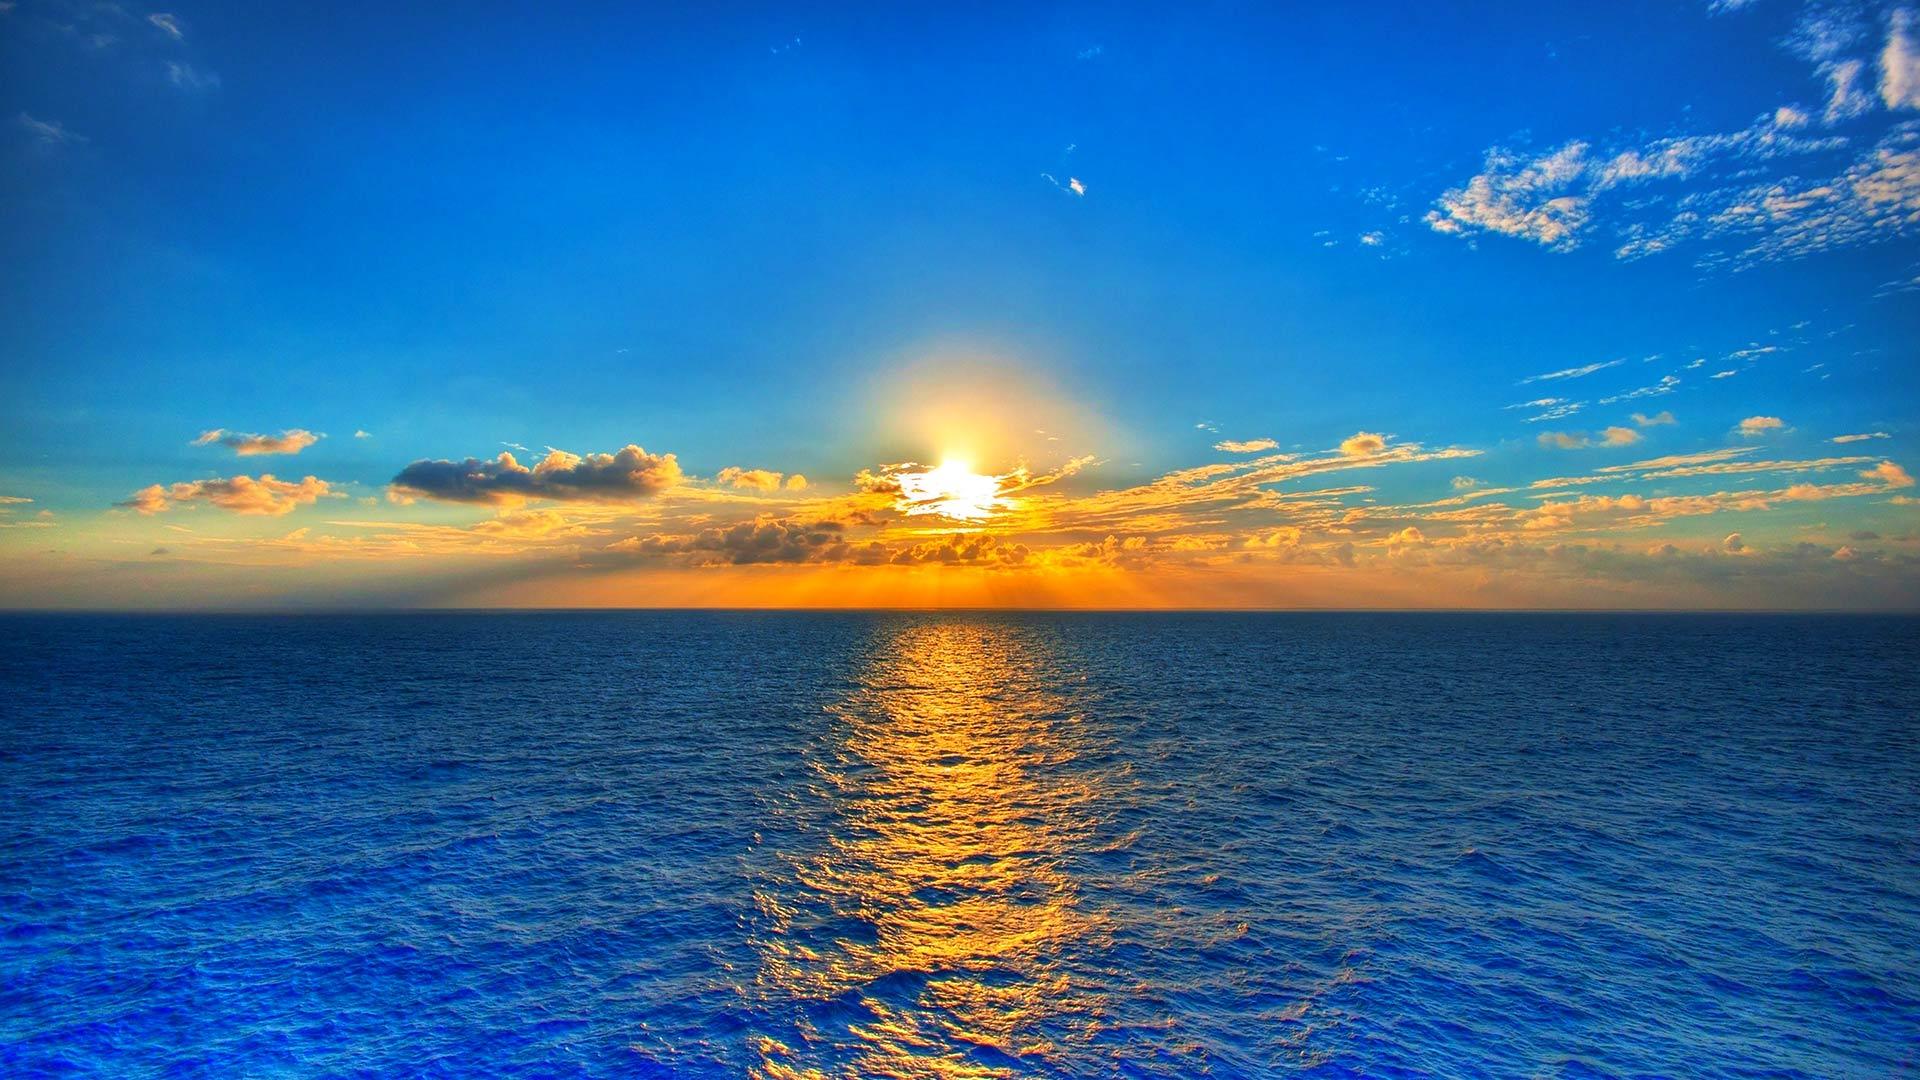 طلوع خورشید در دریا